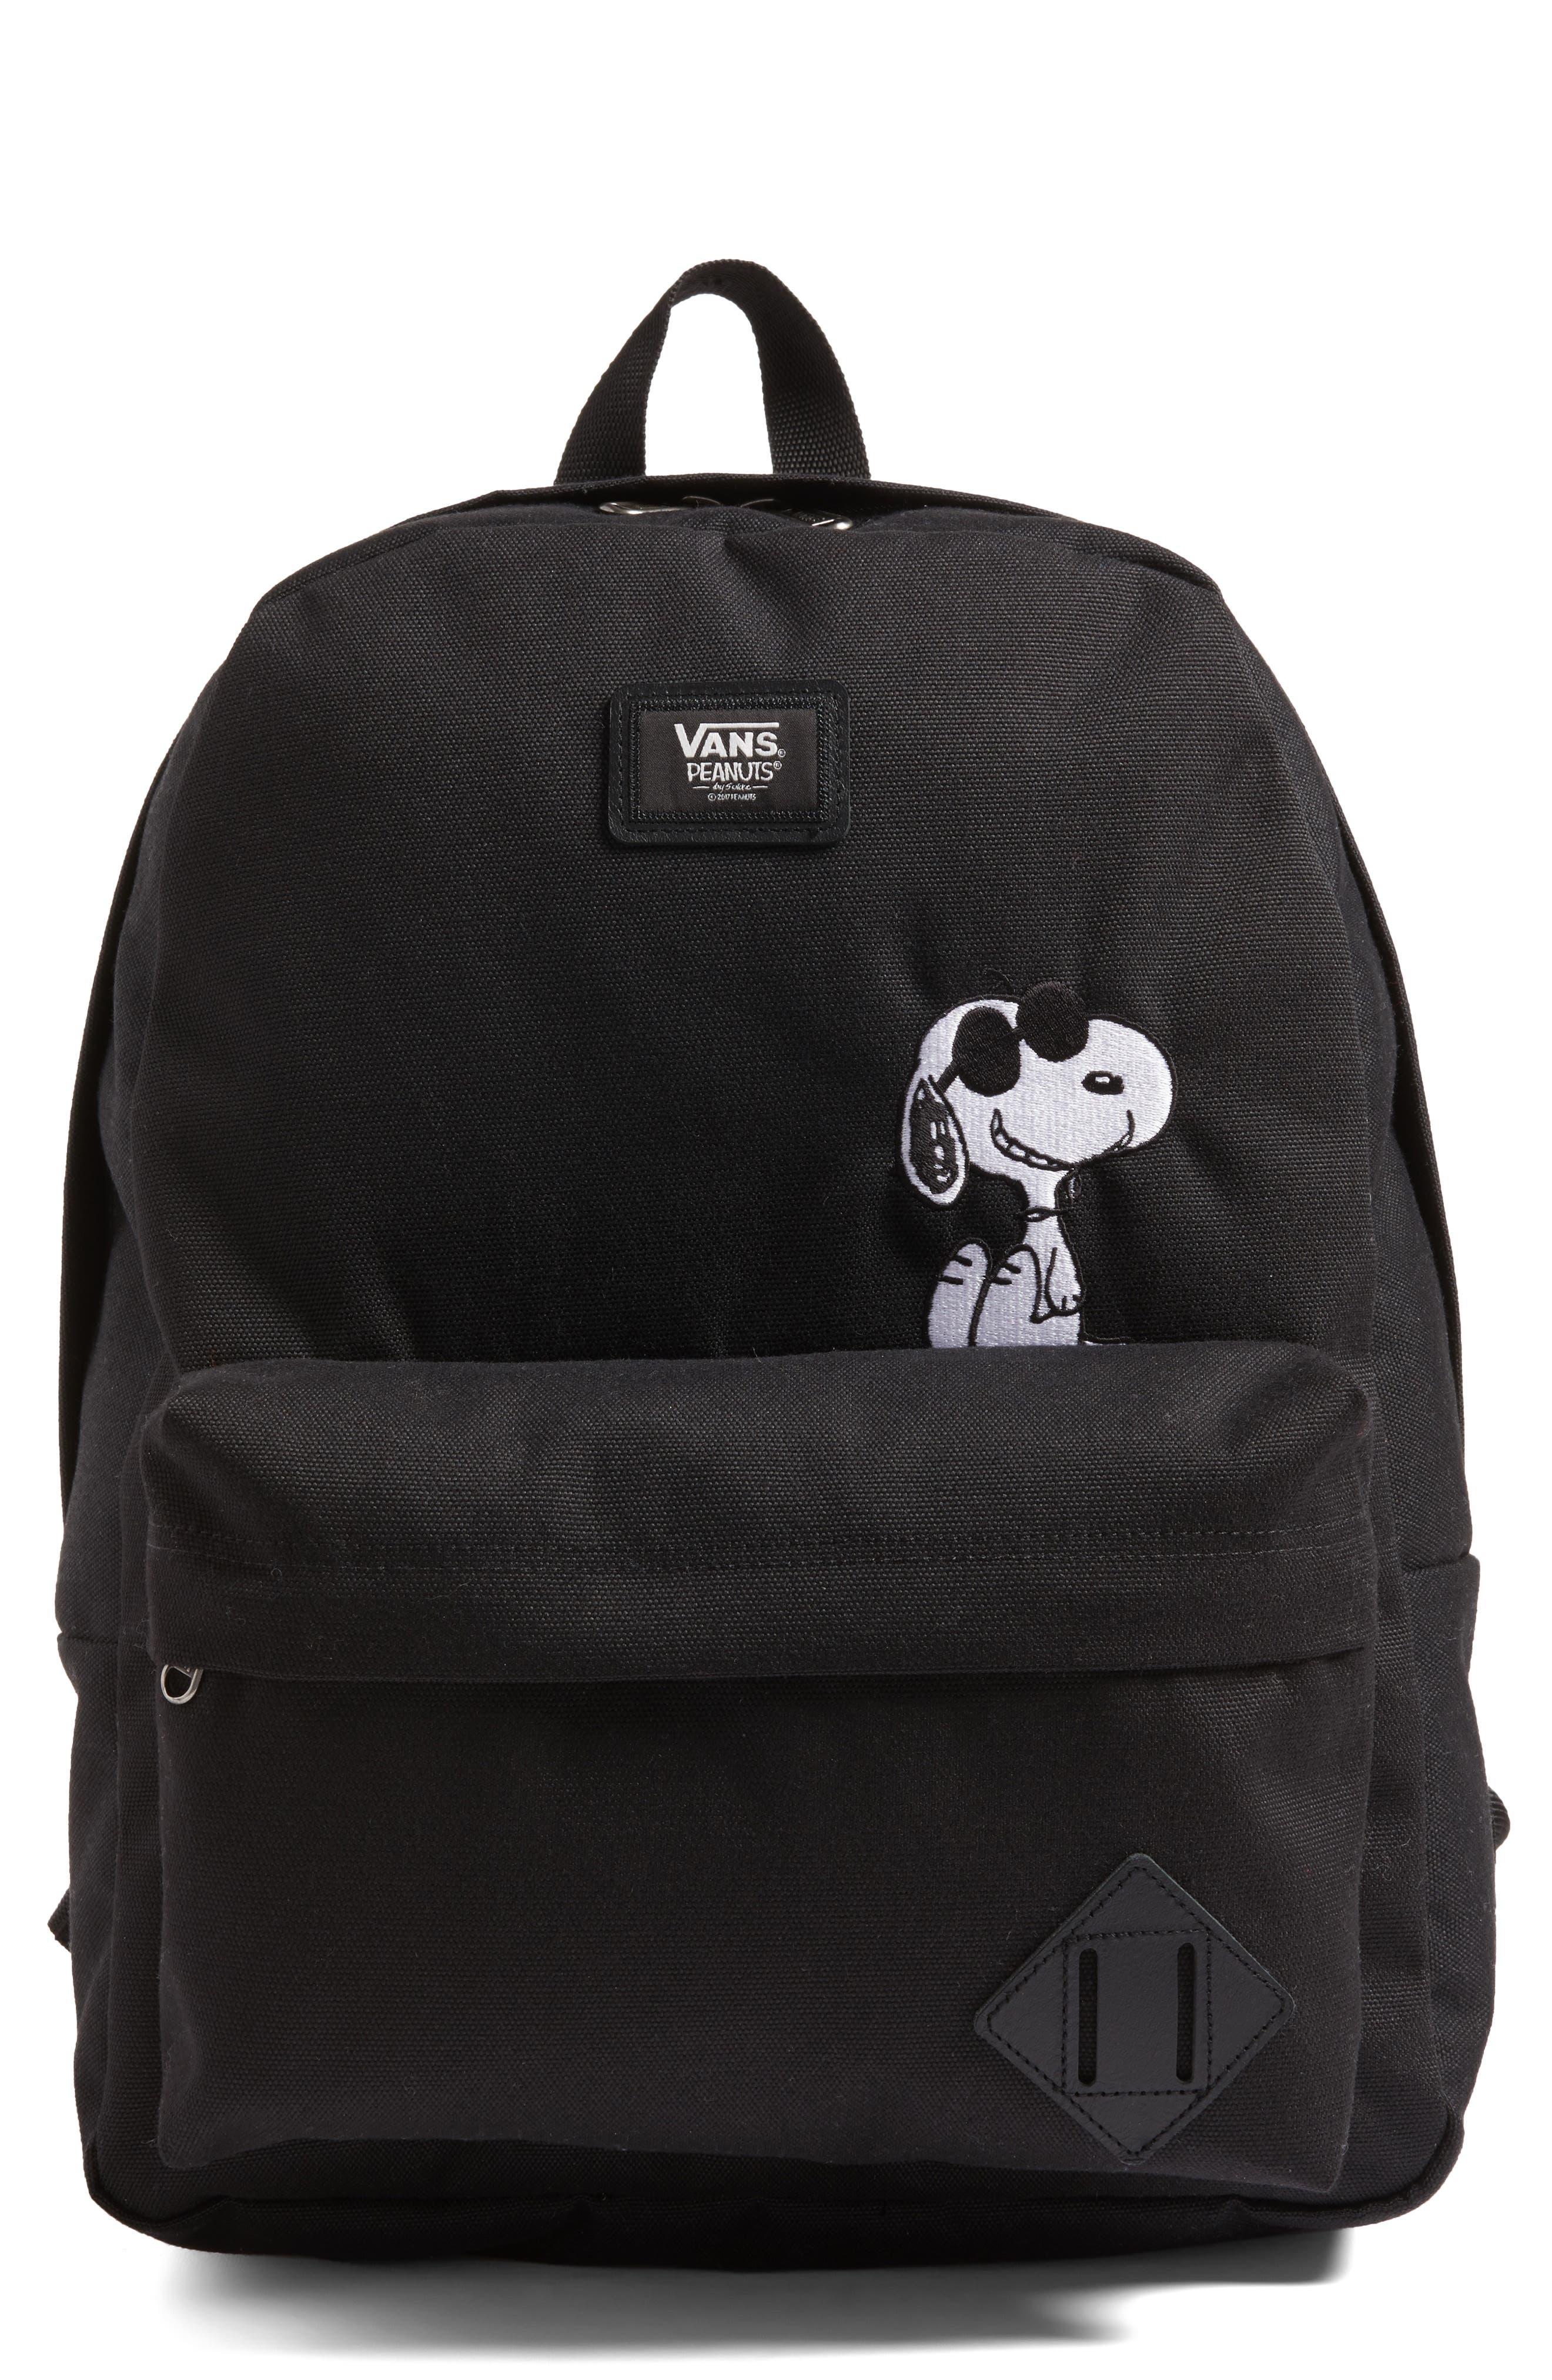 VANS x Peanuts<sup>®</sup> Joe Cool Old Skool II Backpack